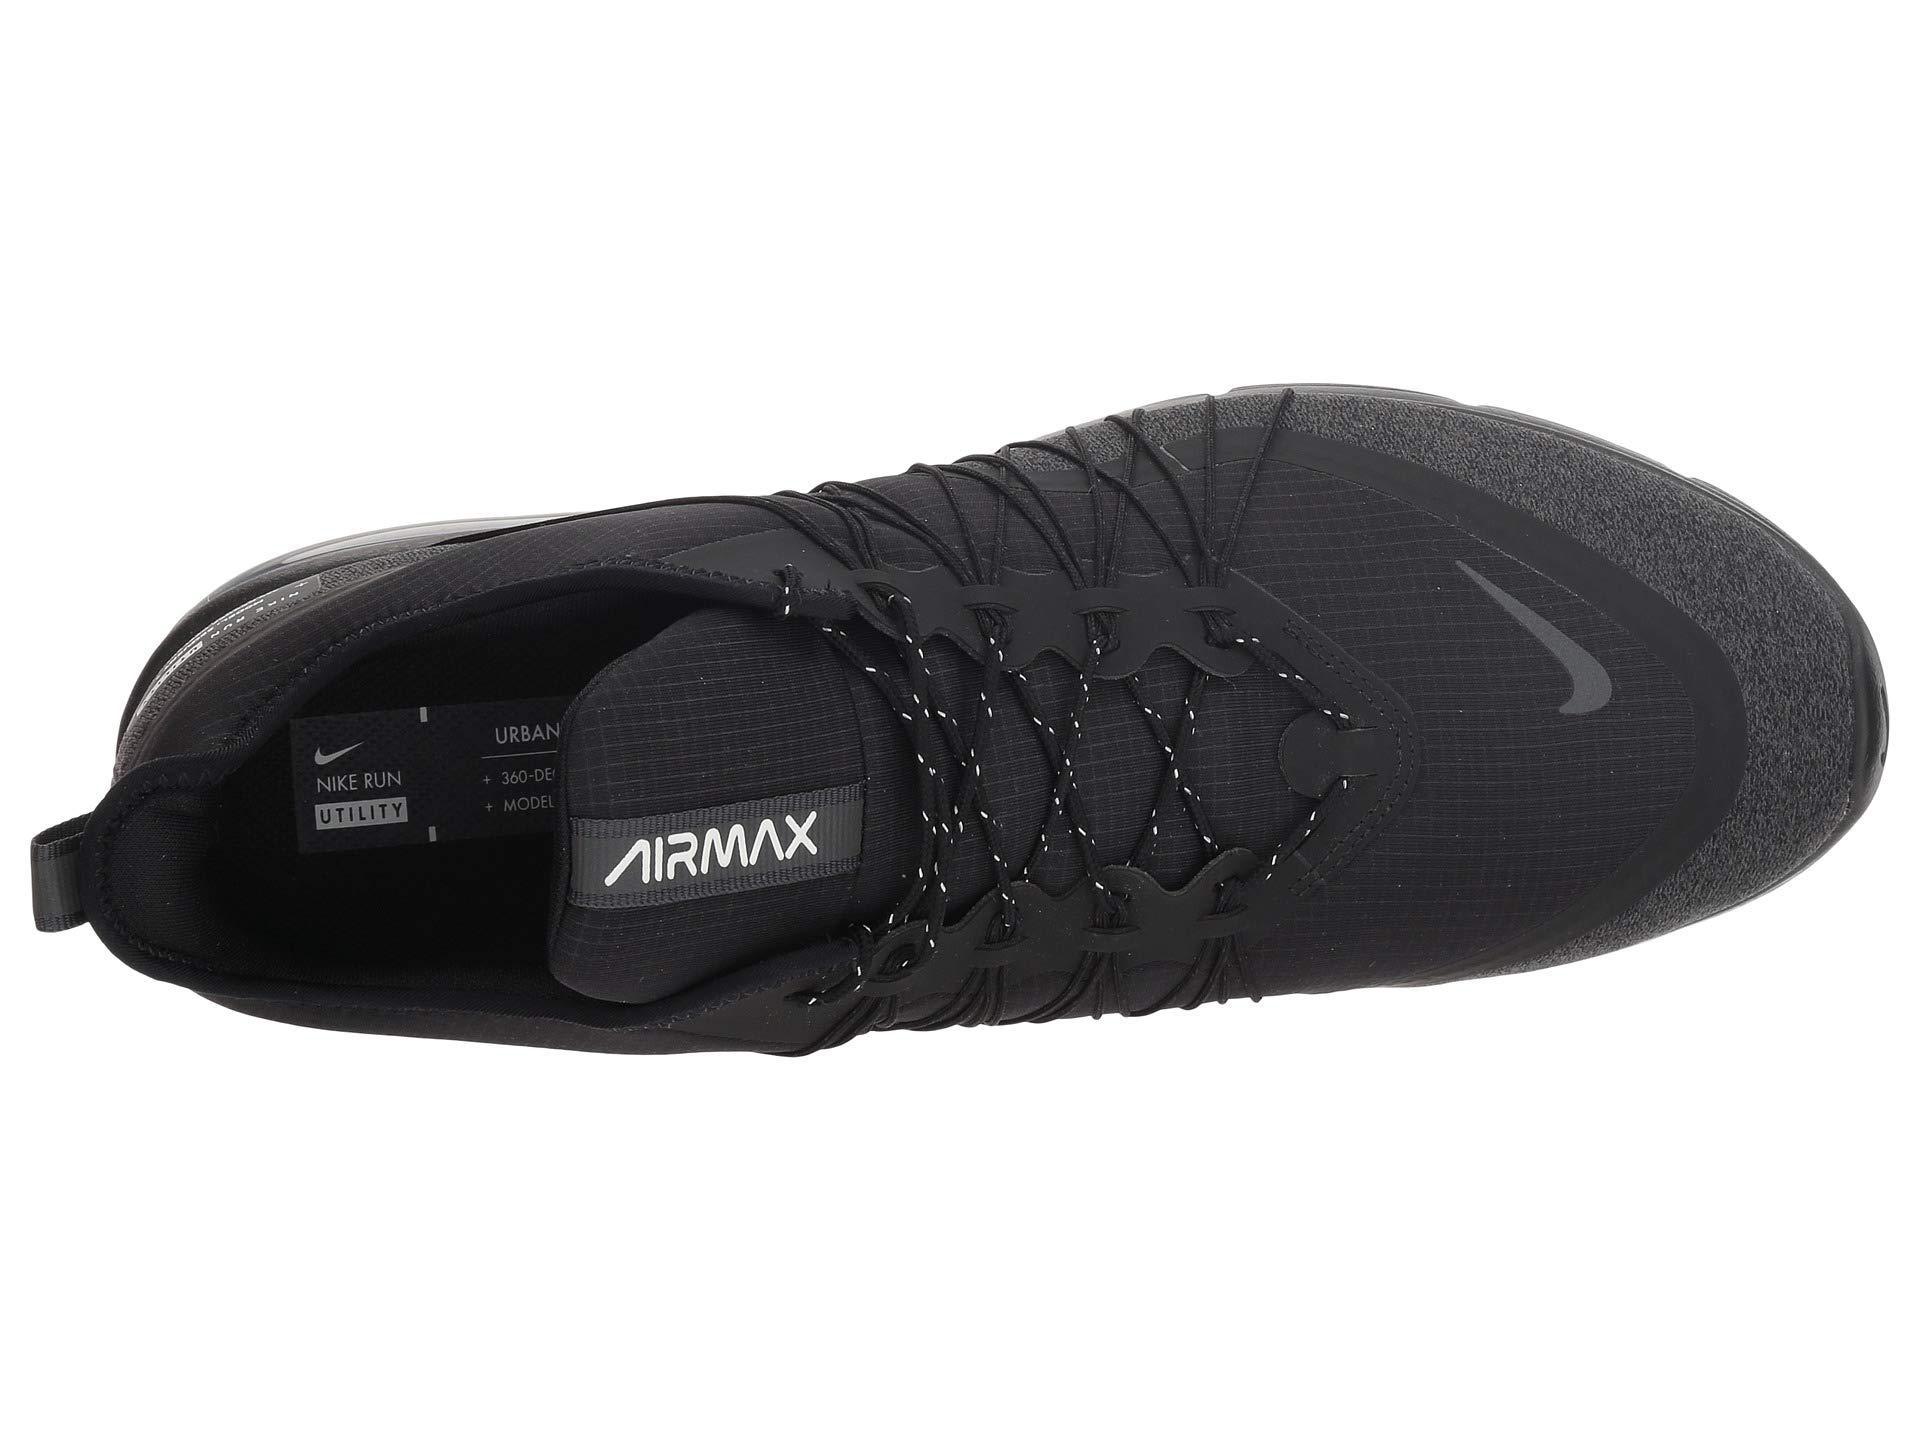 Air Qowafp Sequent Chaussure Vsqgmuzp Max 4 Nike ARL5jq34Sc